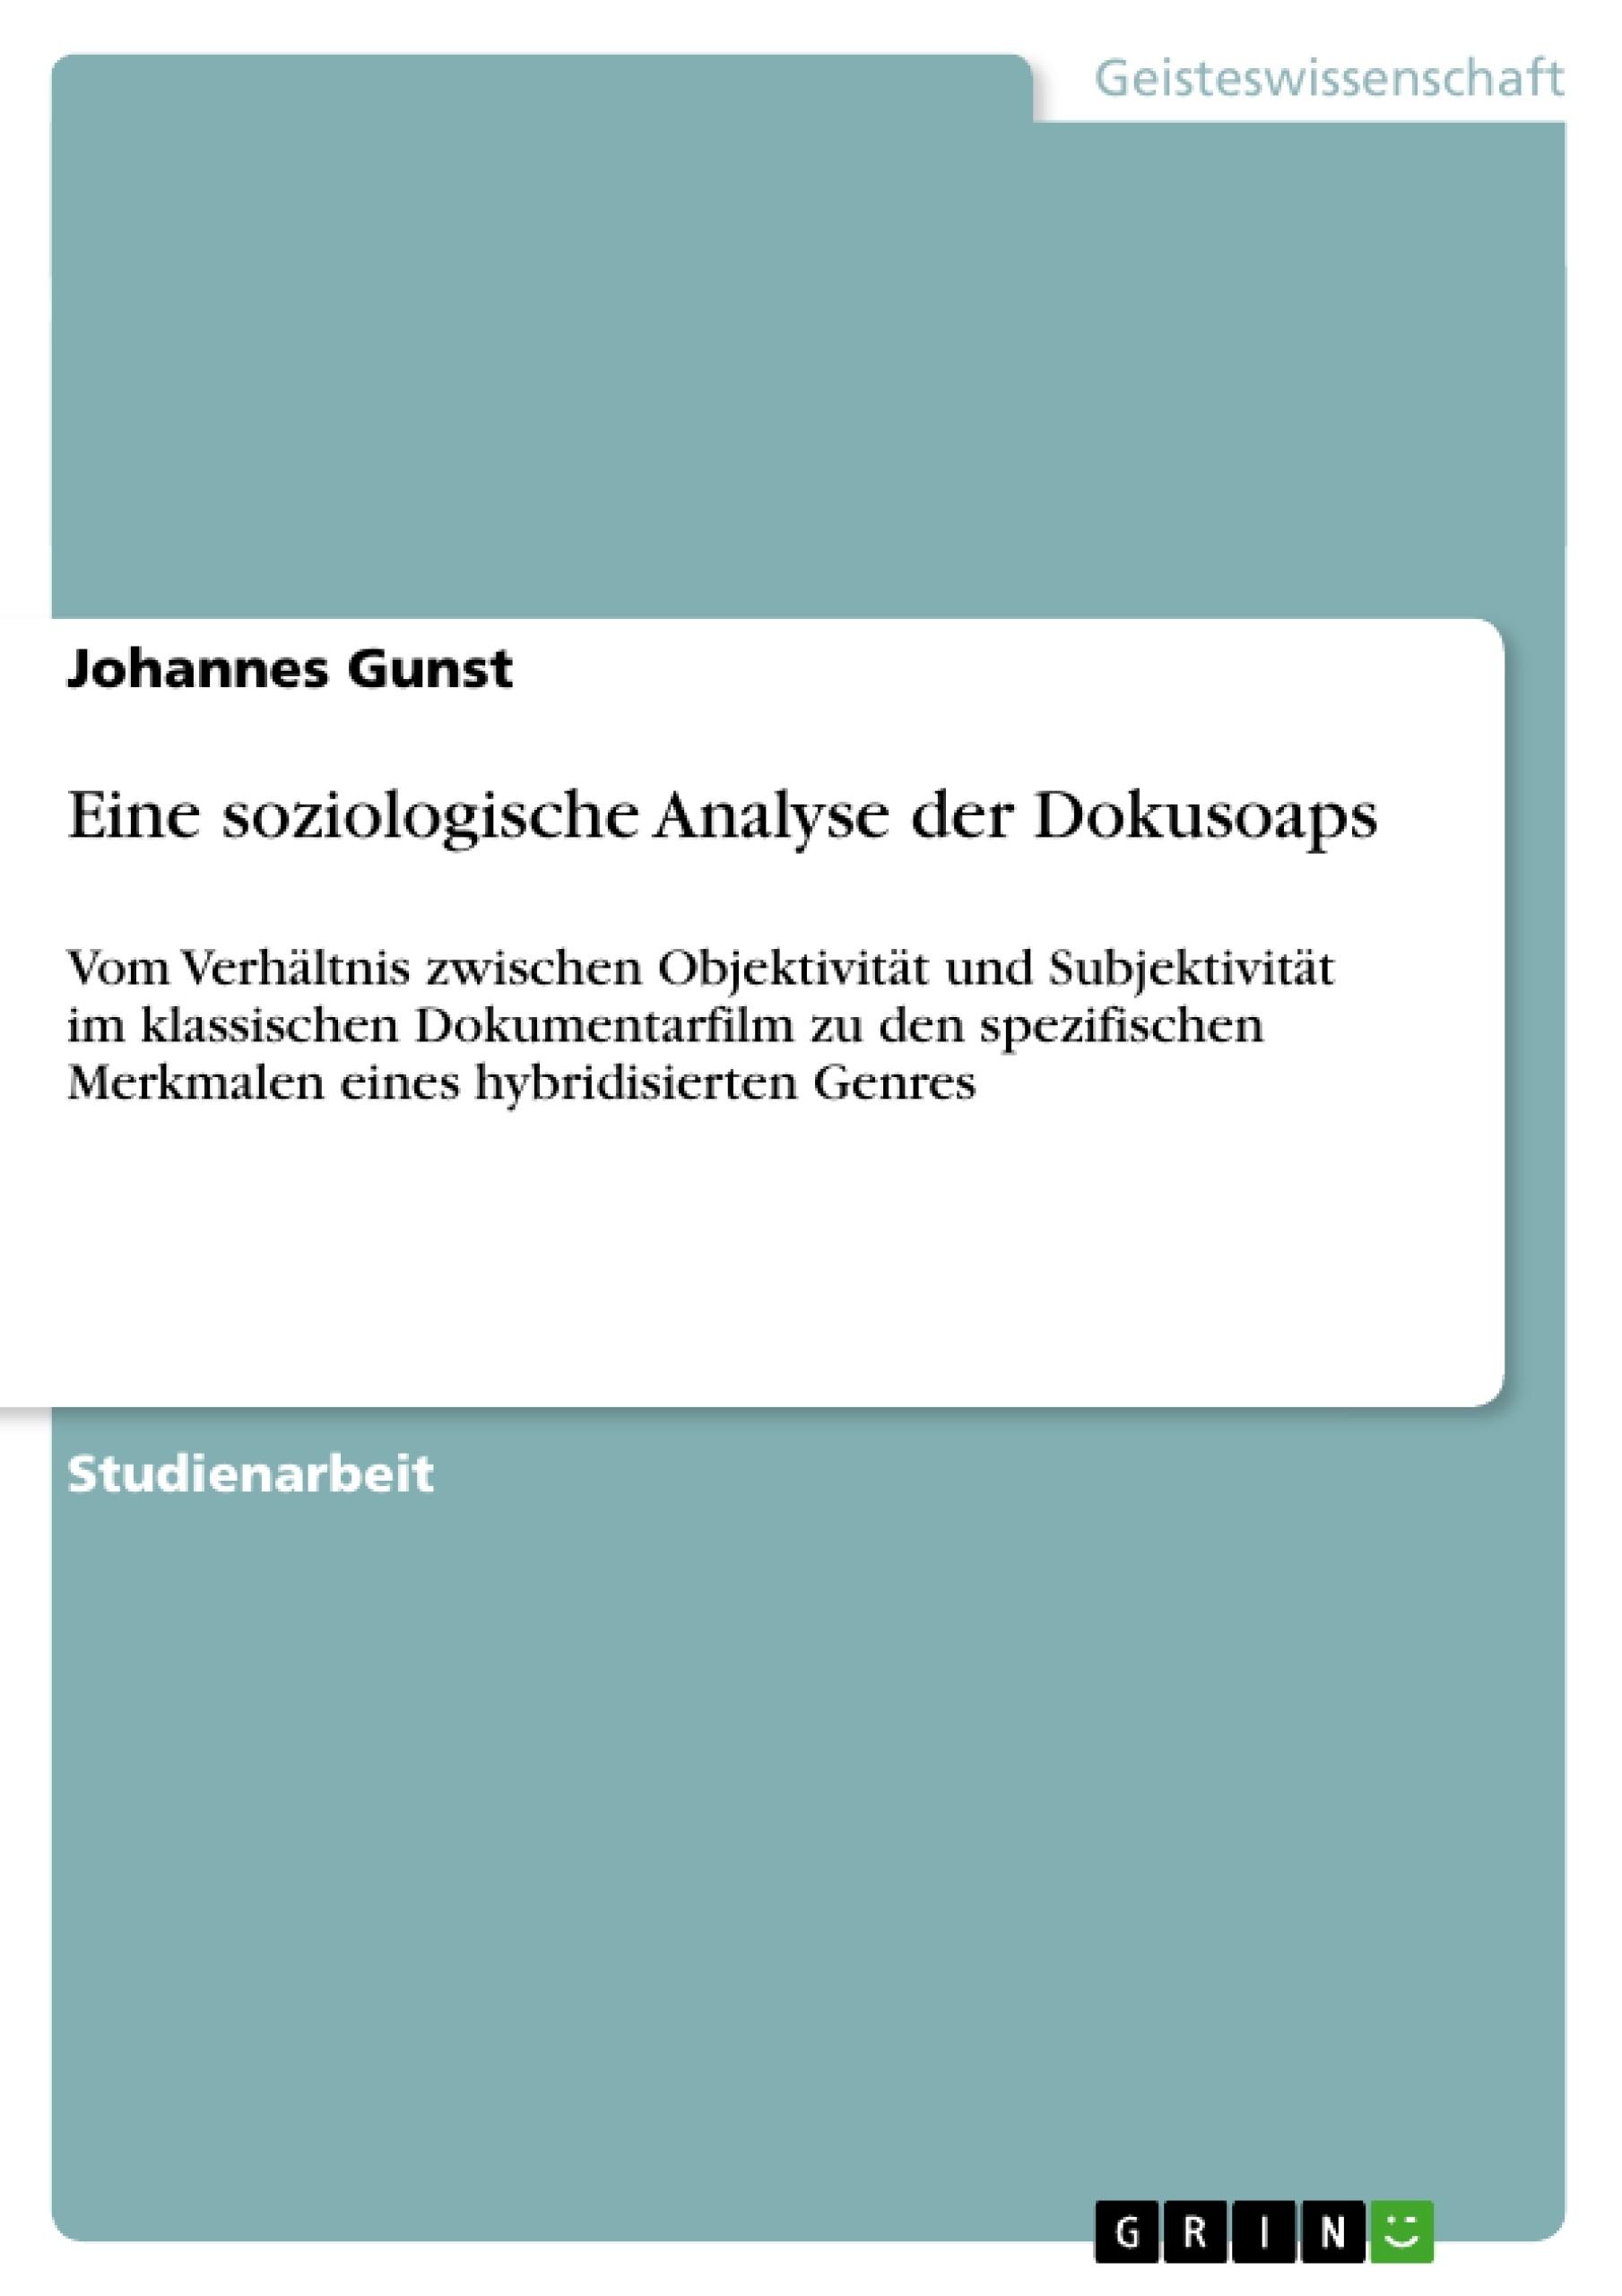 Titel: Eine soziologische Analyse der Dokusoaps